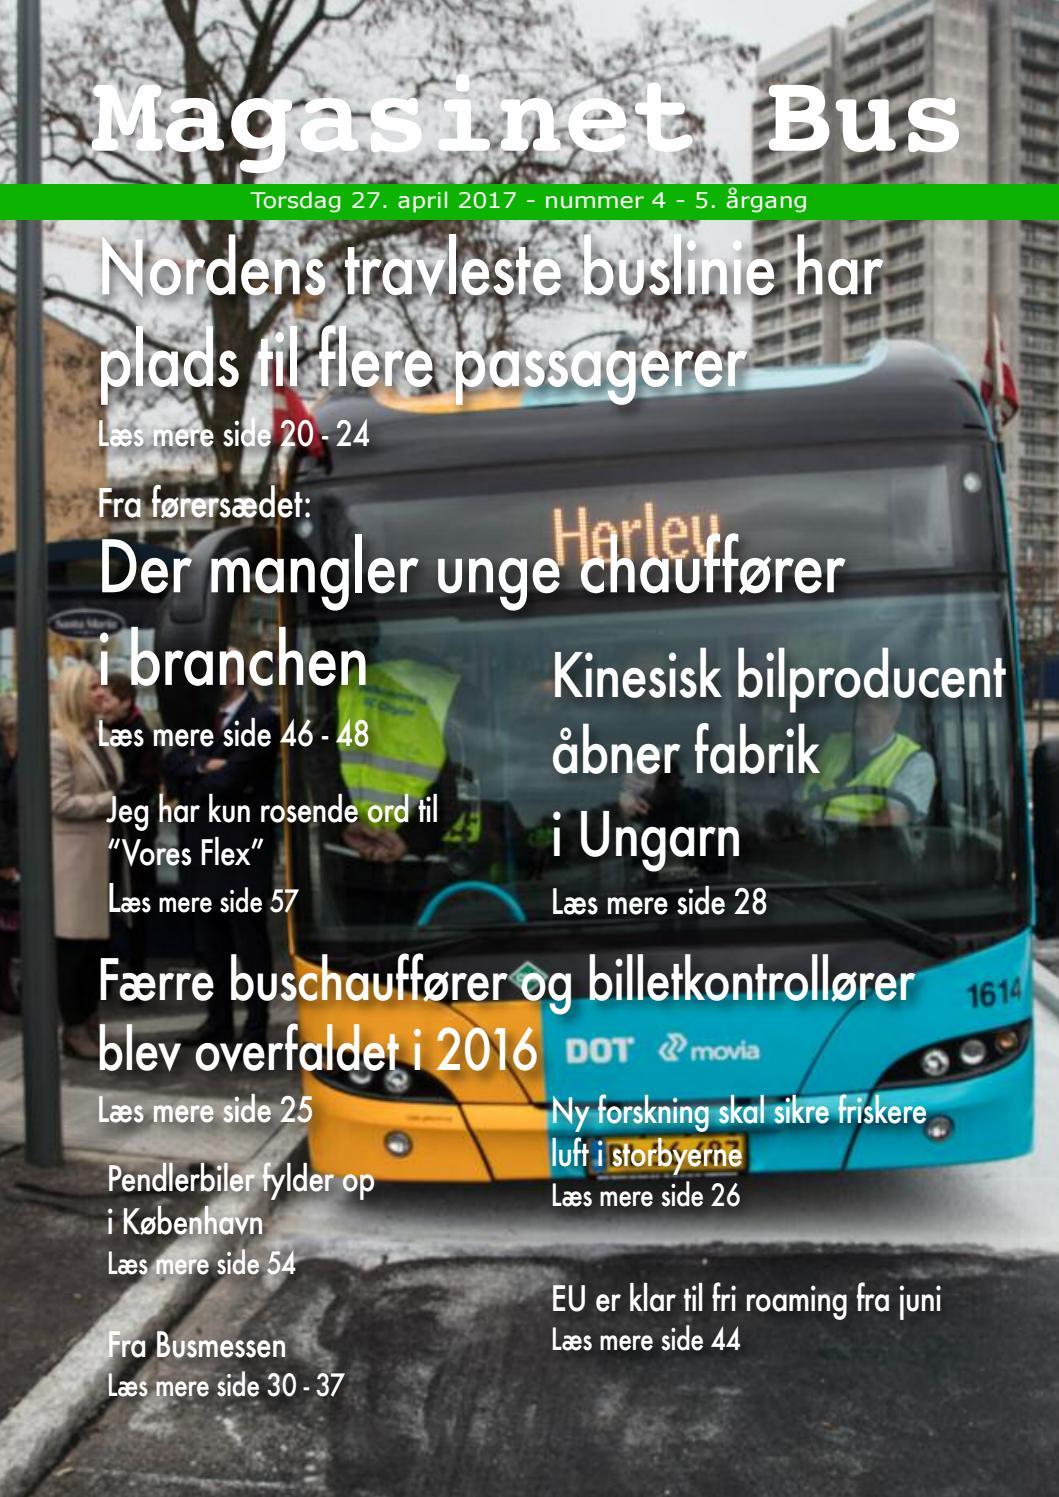 skoleferie 2016 københavn